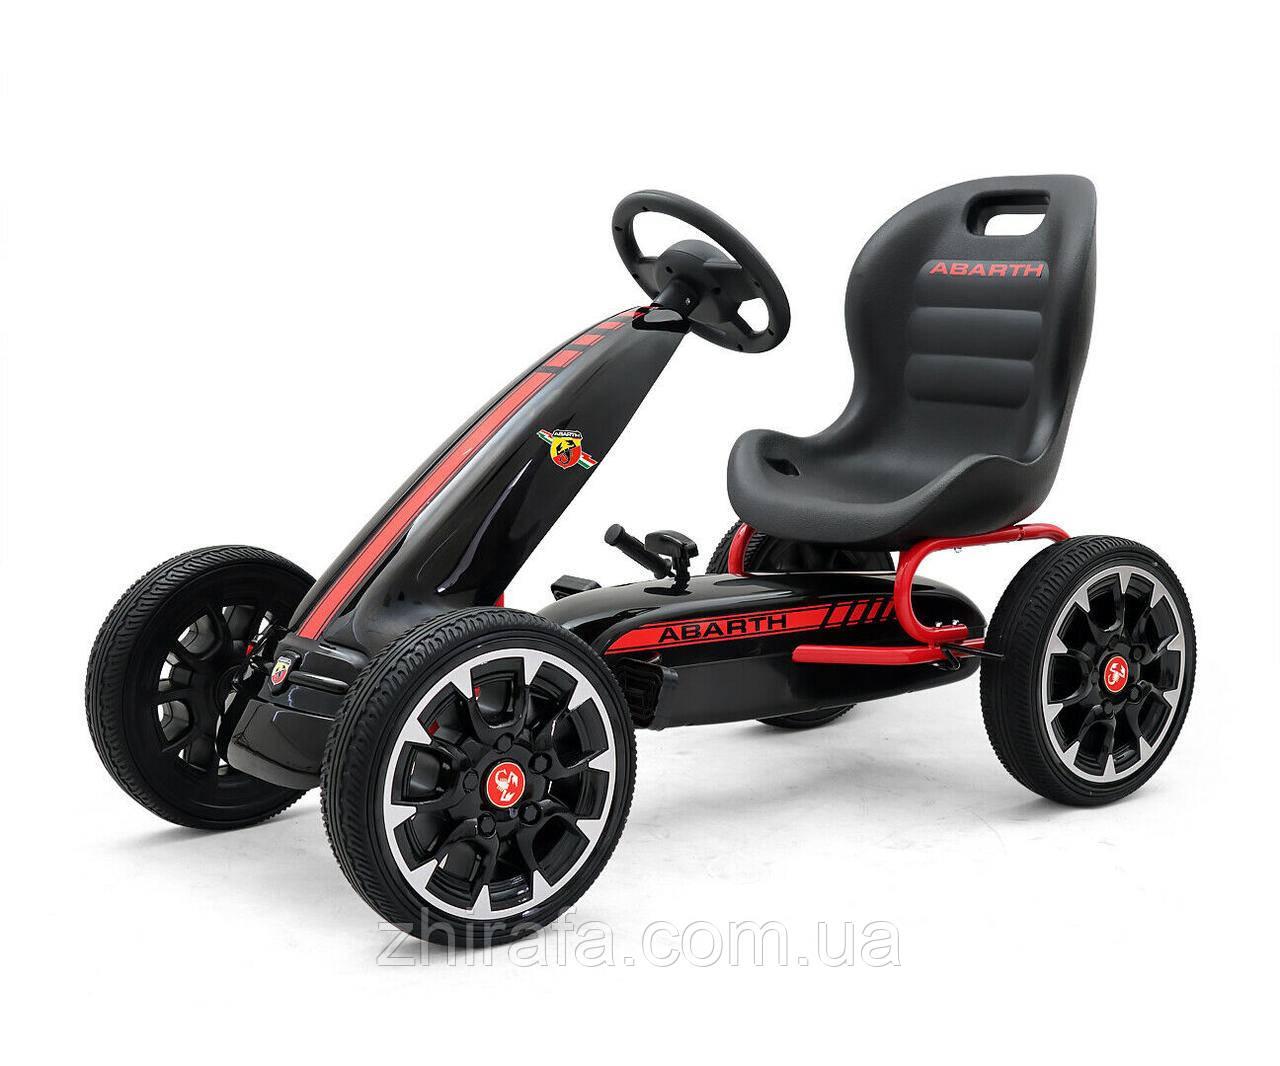 Детский педальный автомобиль Картинг Веломобиль Abarth